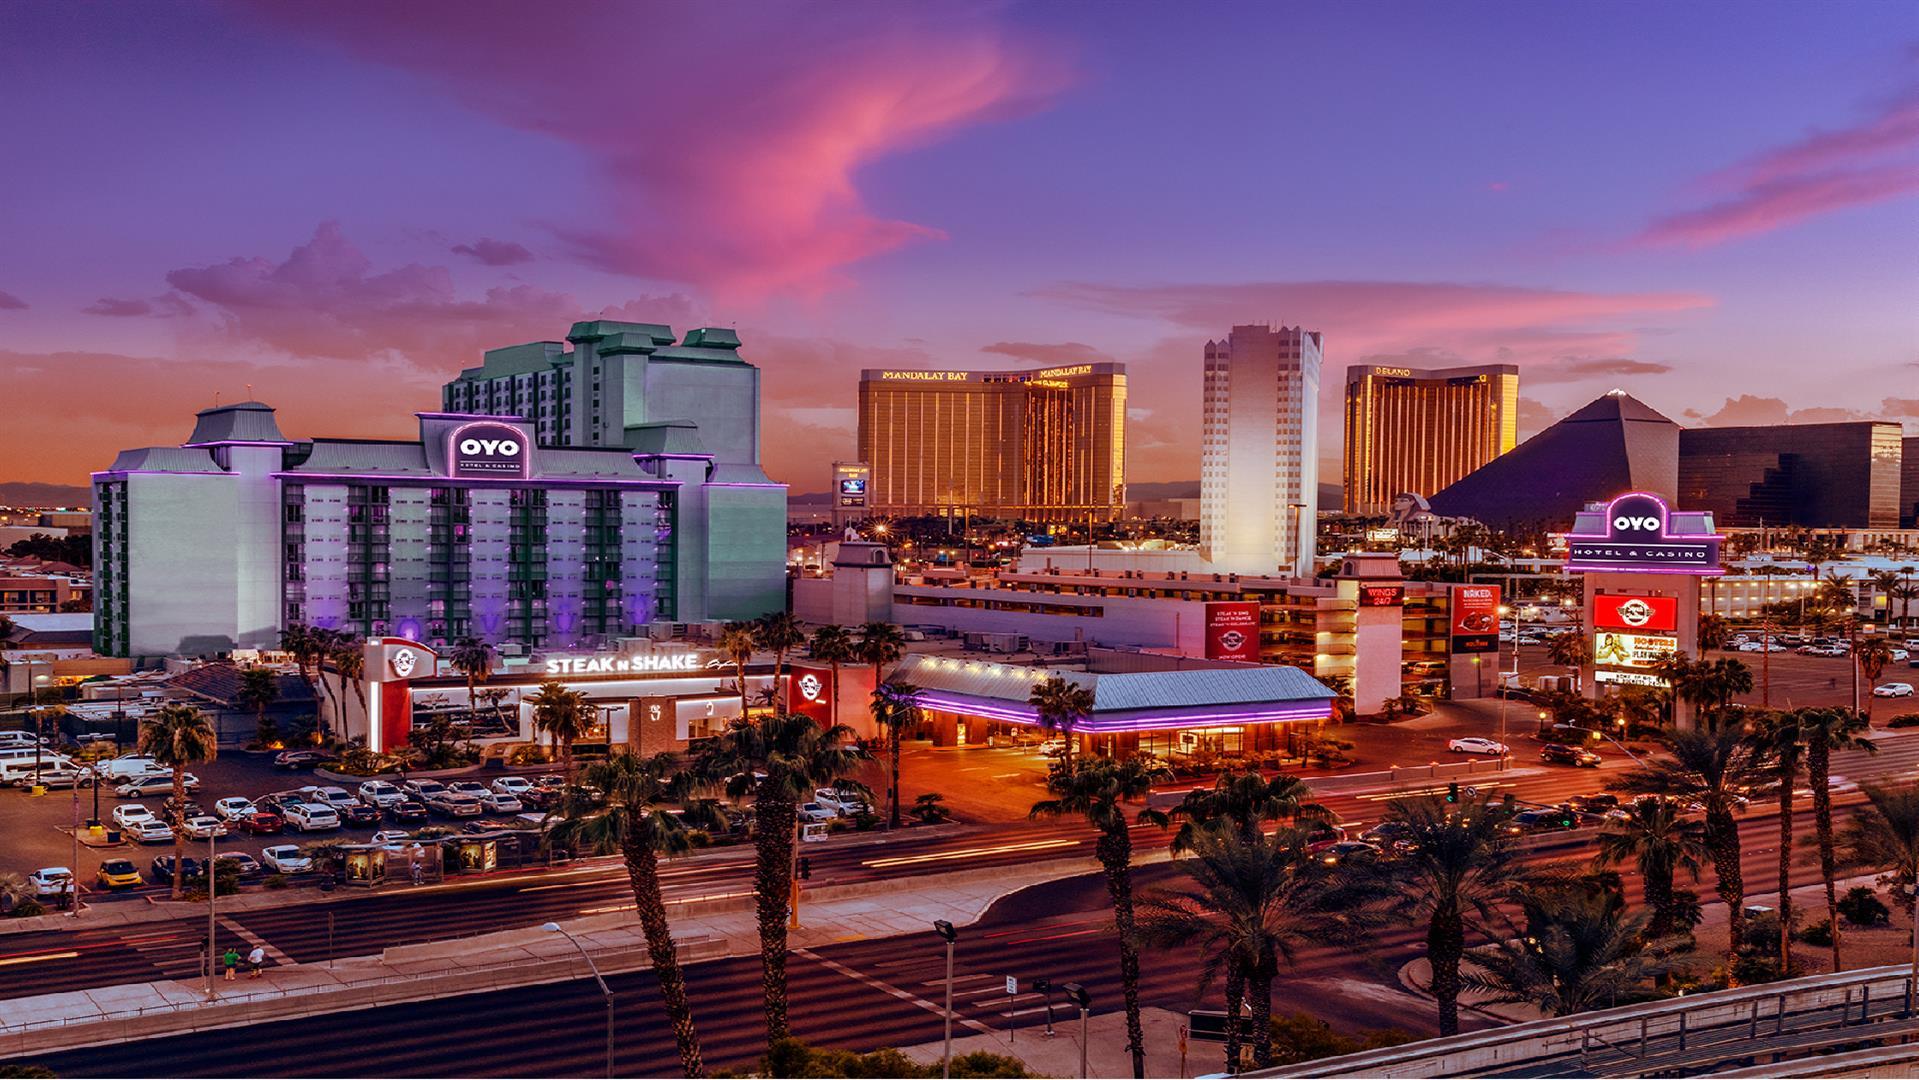 Vegas 7 online casino bonus